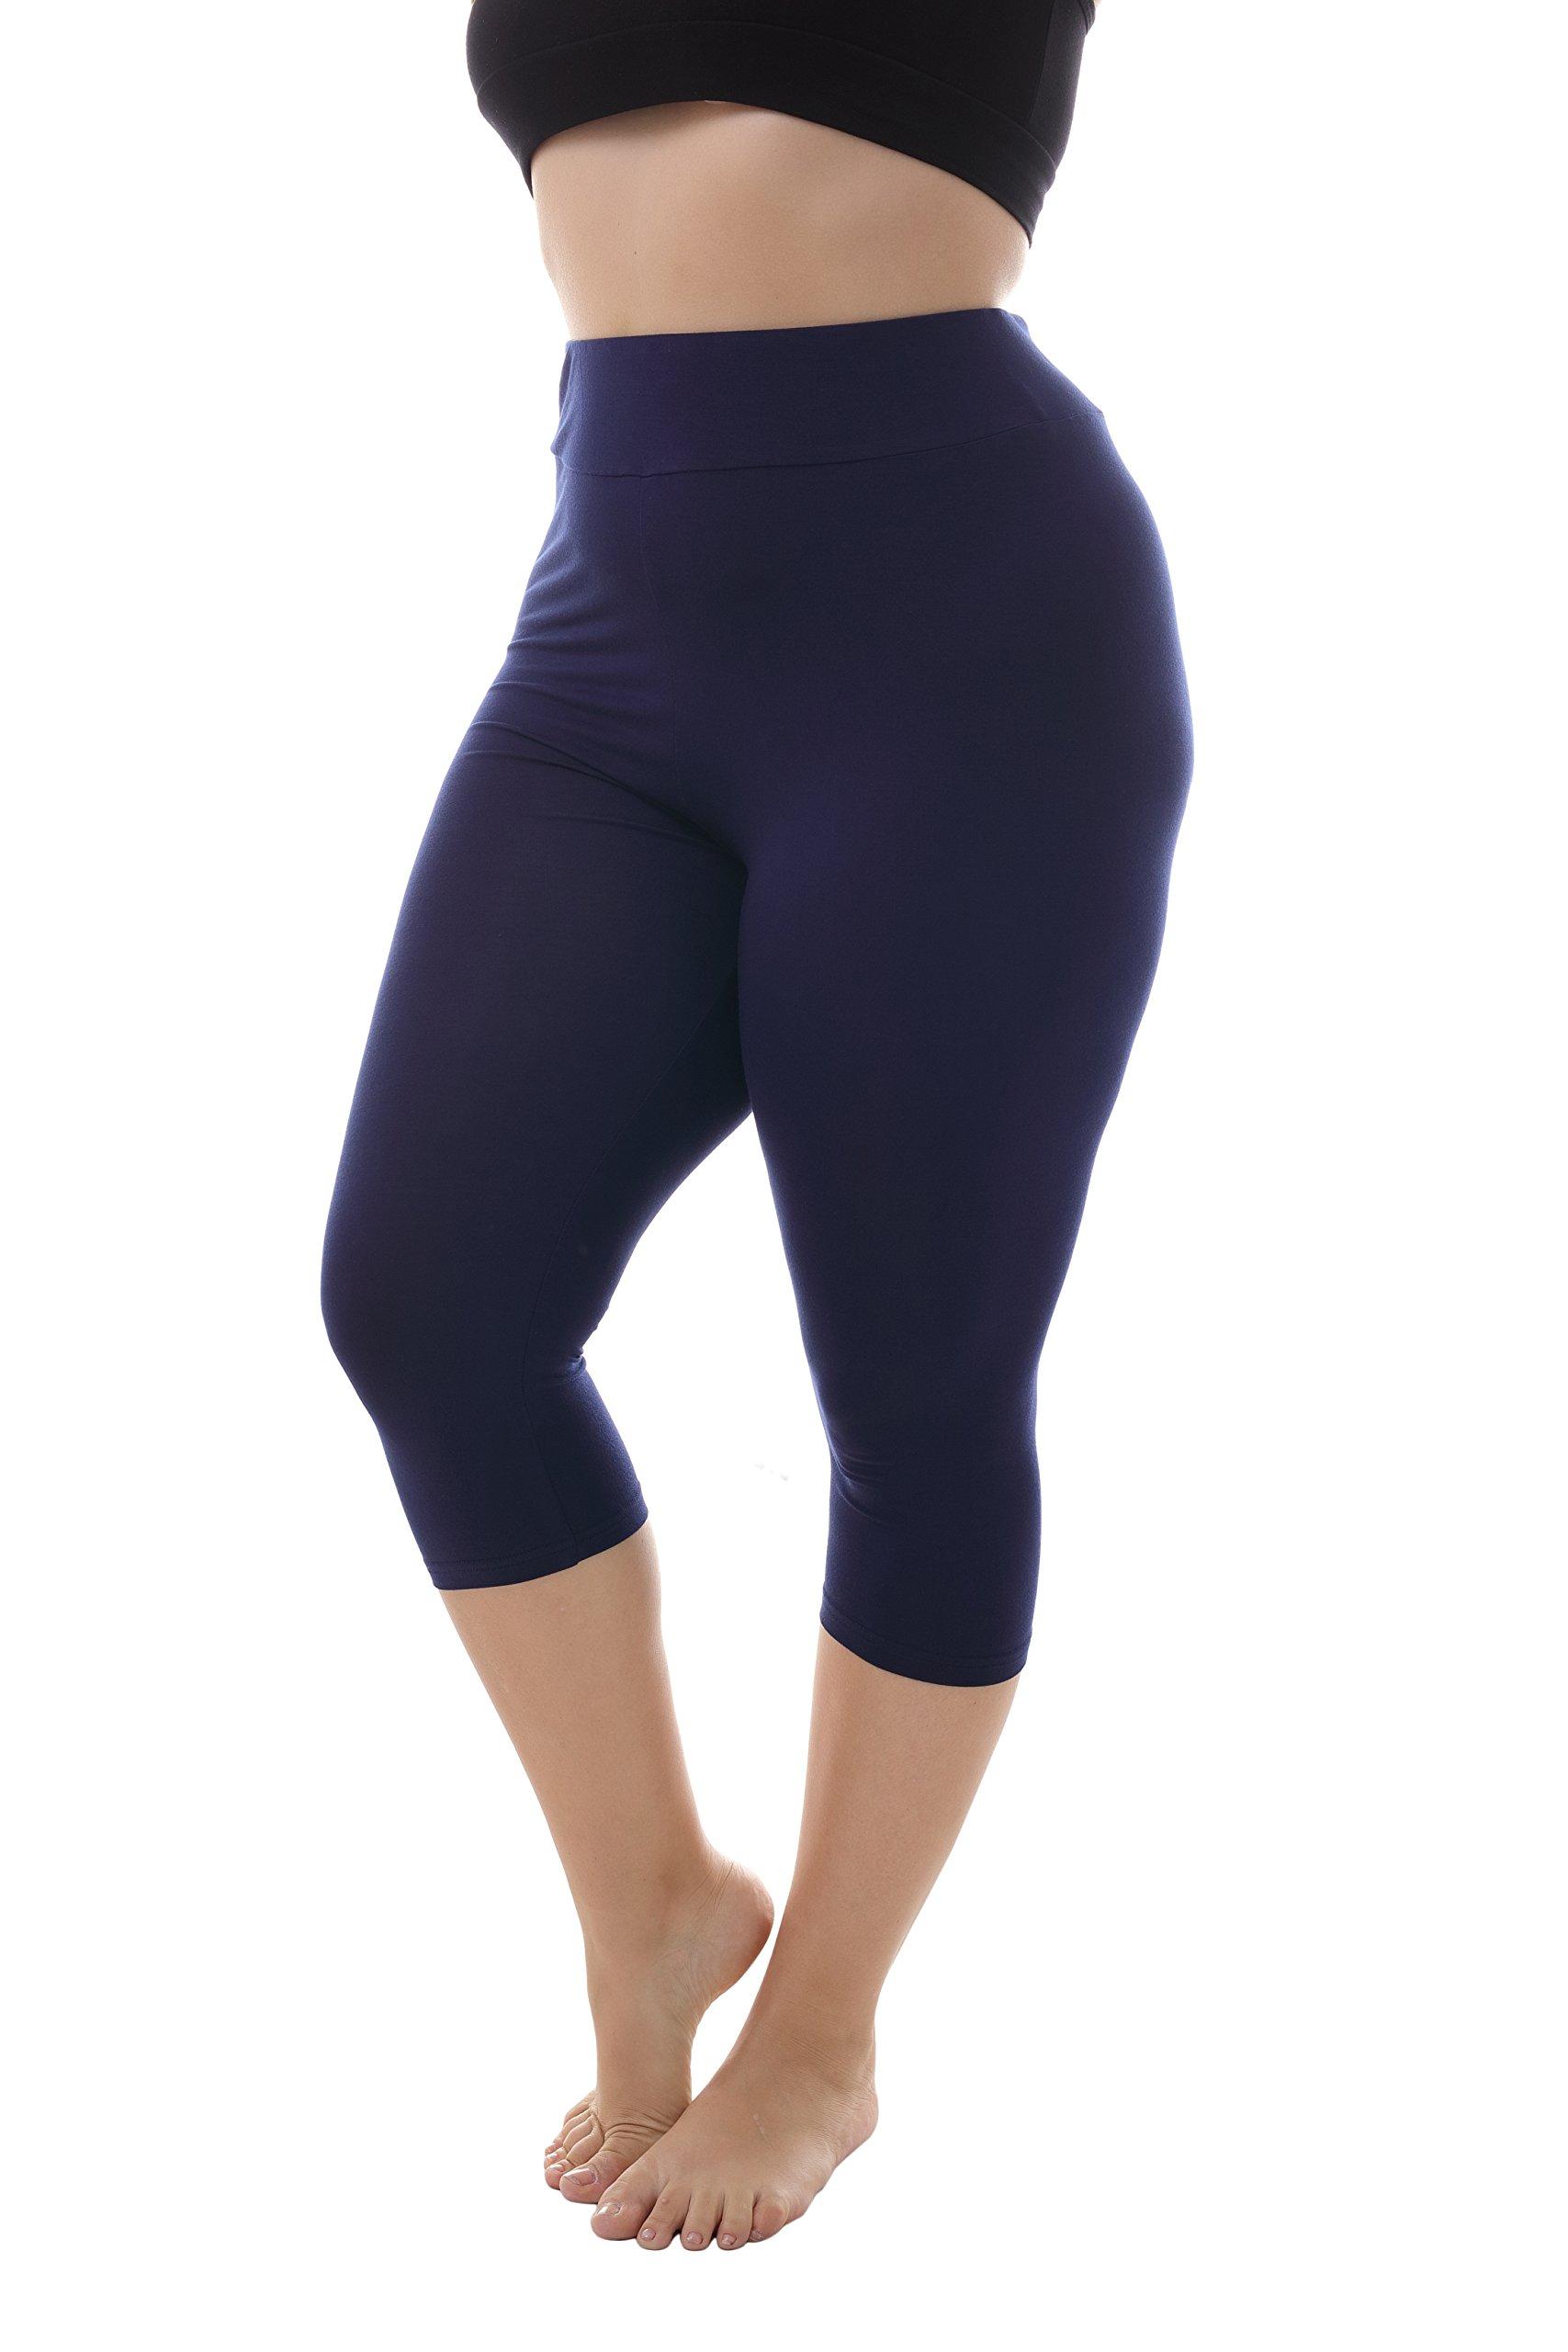 ZERDOCEAN Women's Plus Size Modal High Waist Capri Leggings for Summer Navy 3X